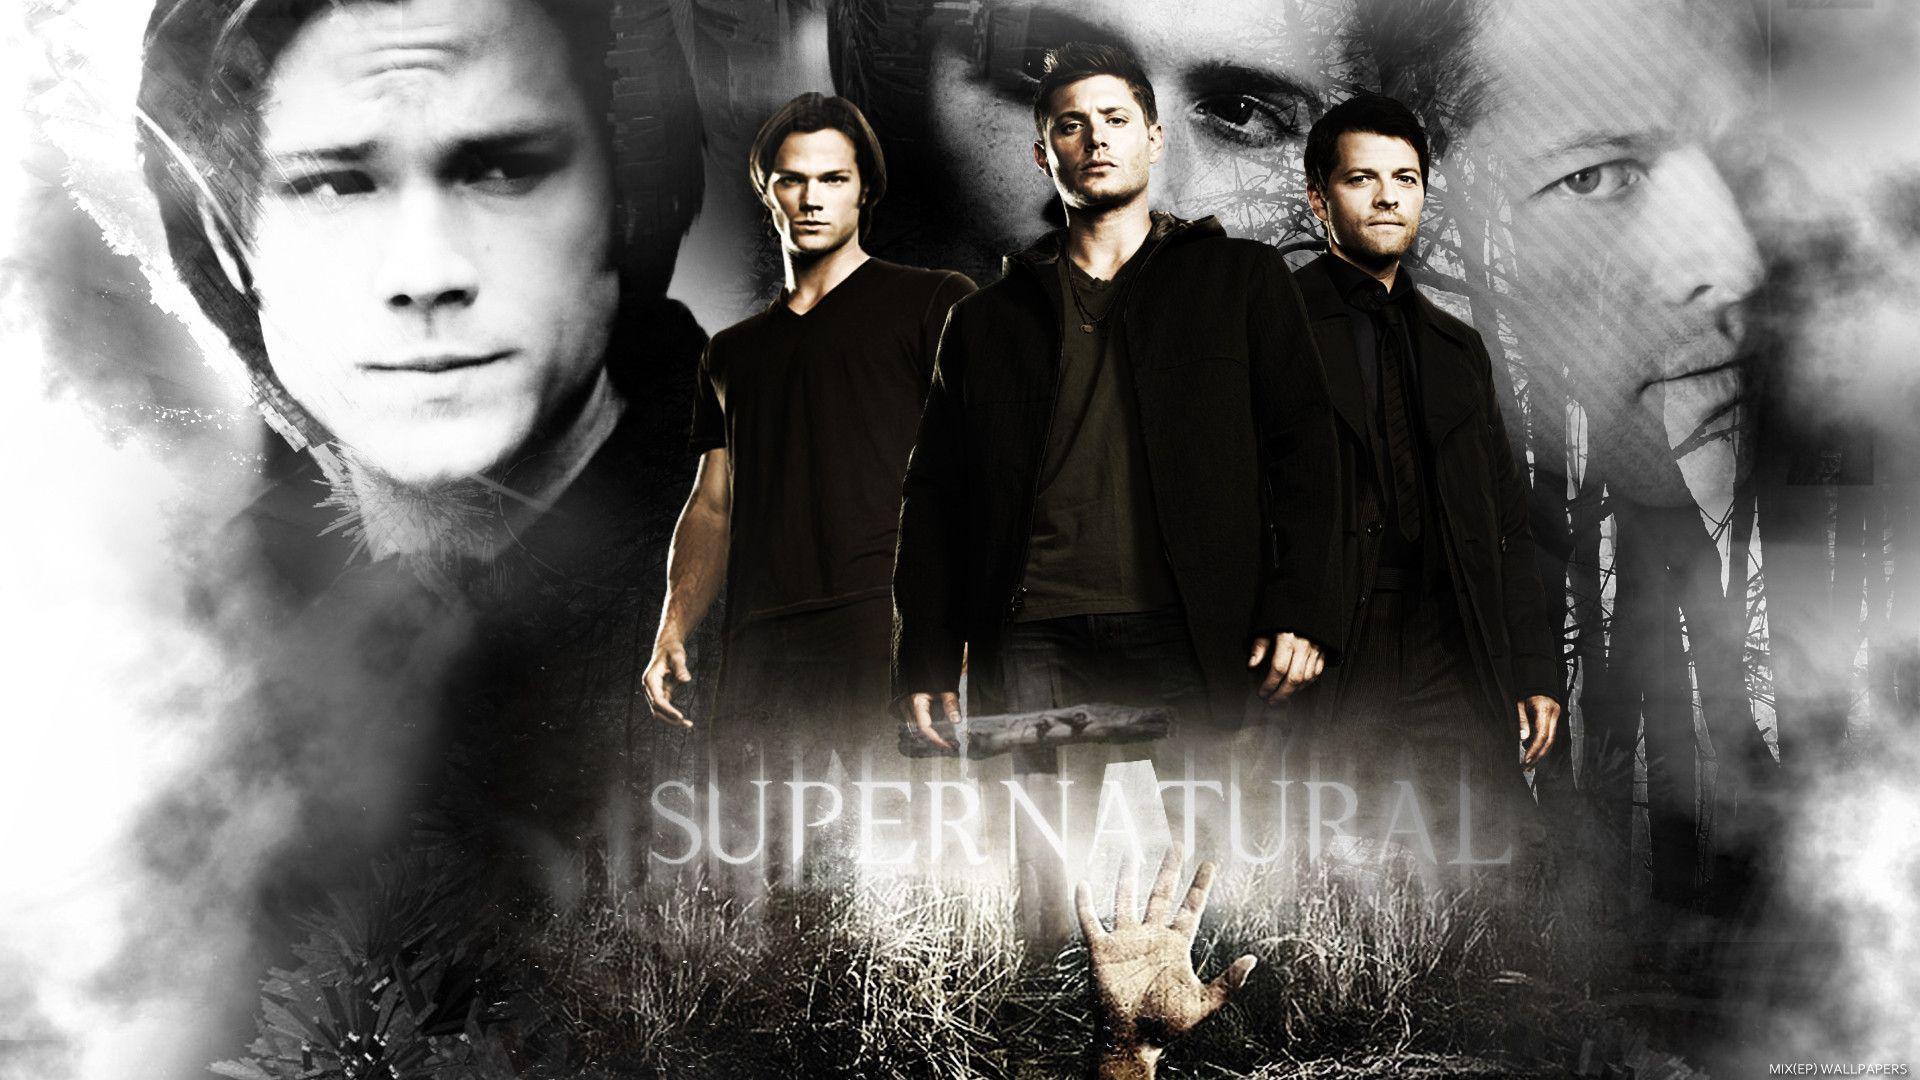 Supernatural Background 9